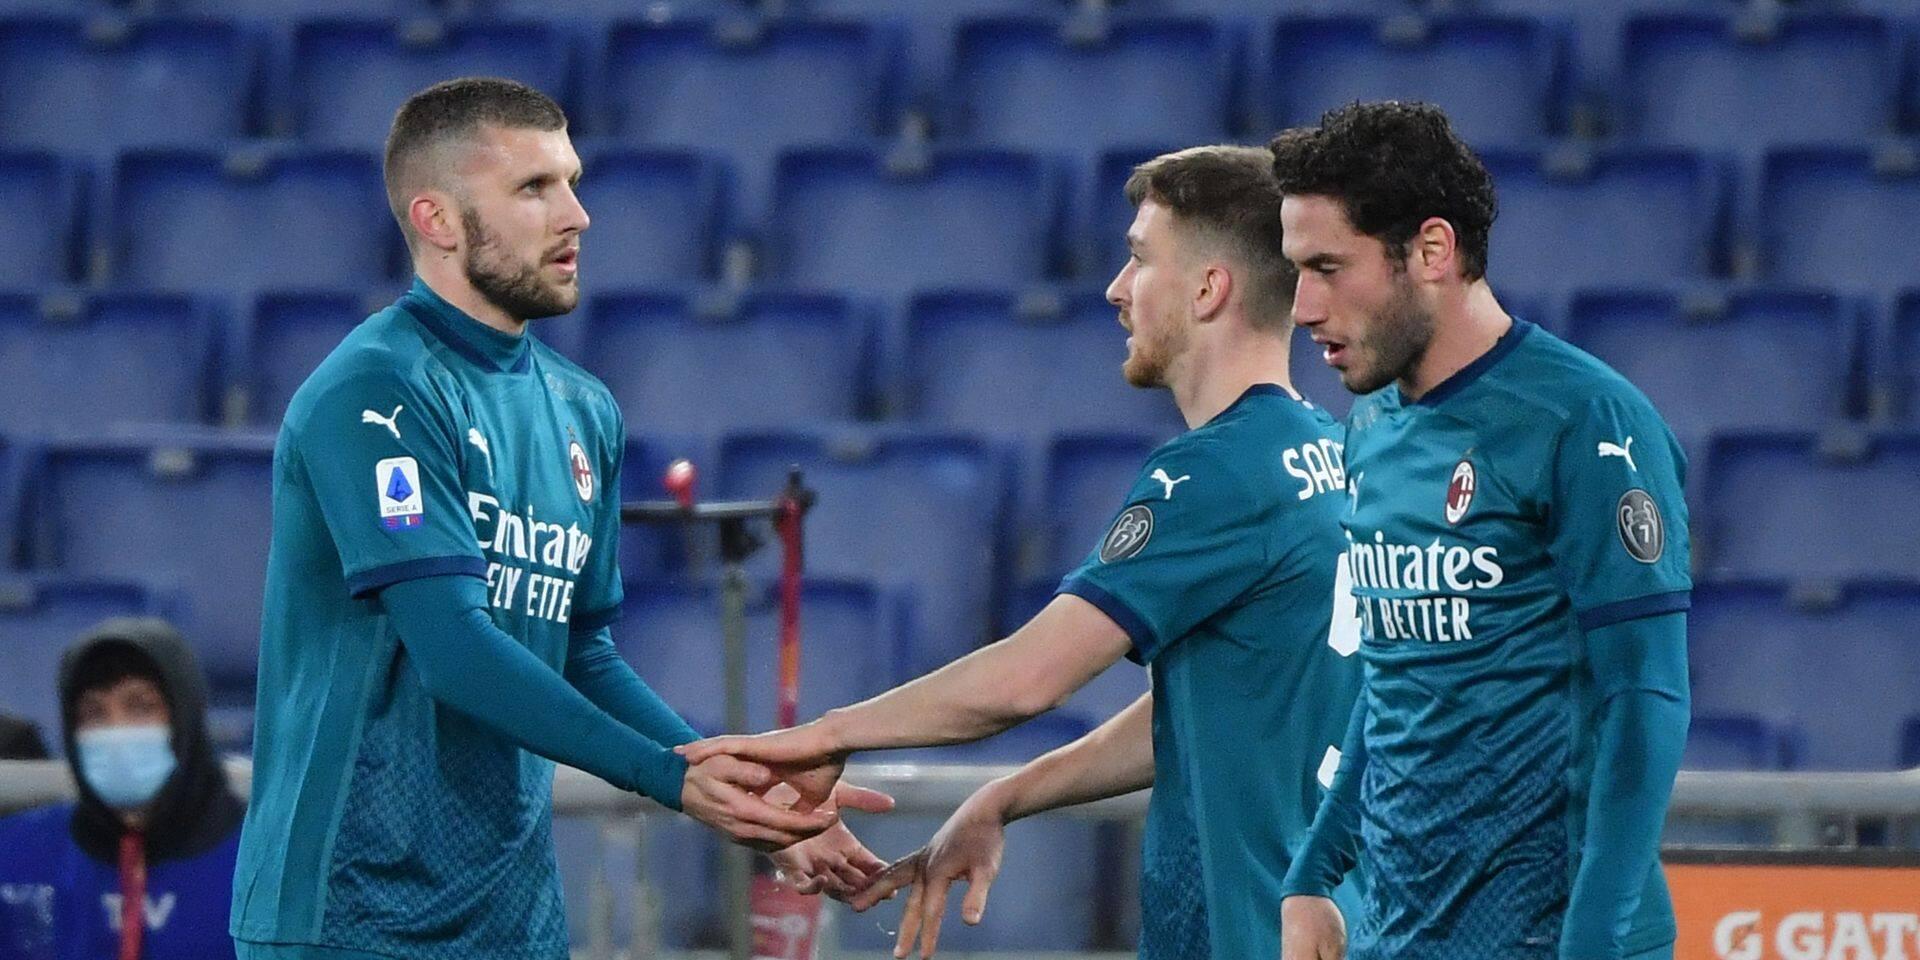 Les Belges à l'étranger: Saelemaekers titulaire avec l'AC Milan lors de la victoire contre la Roma, Denayer fait match nul à l'OM